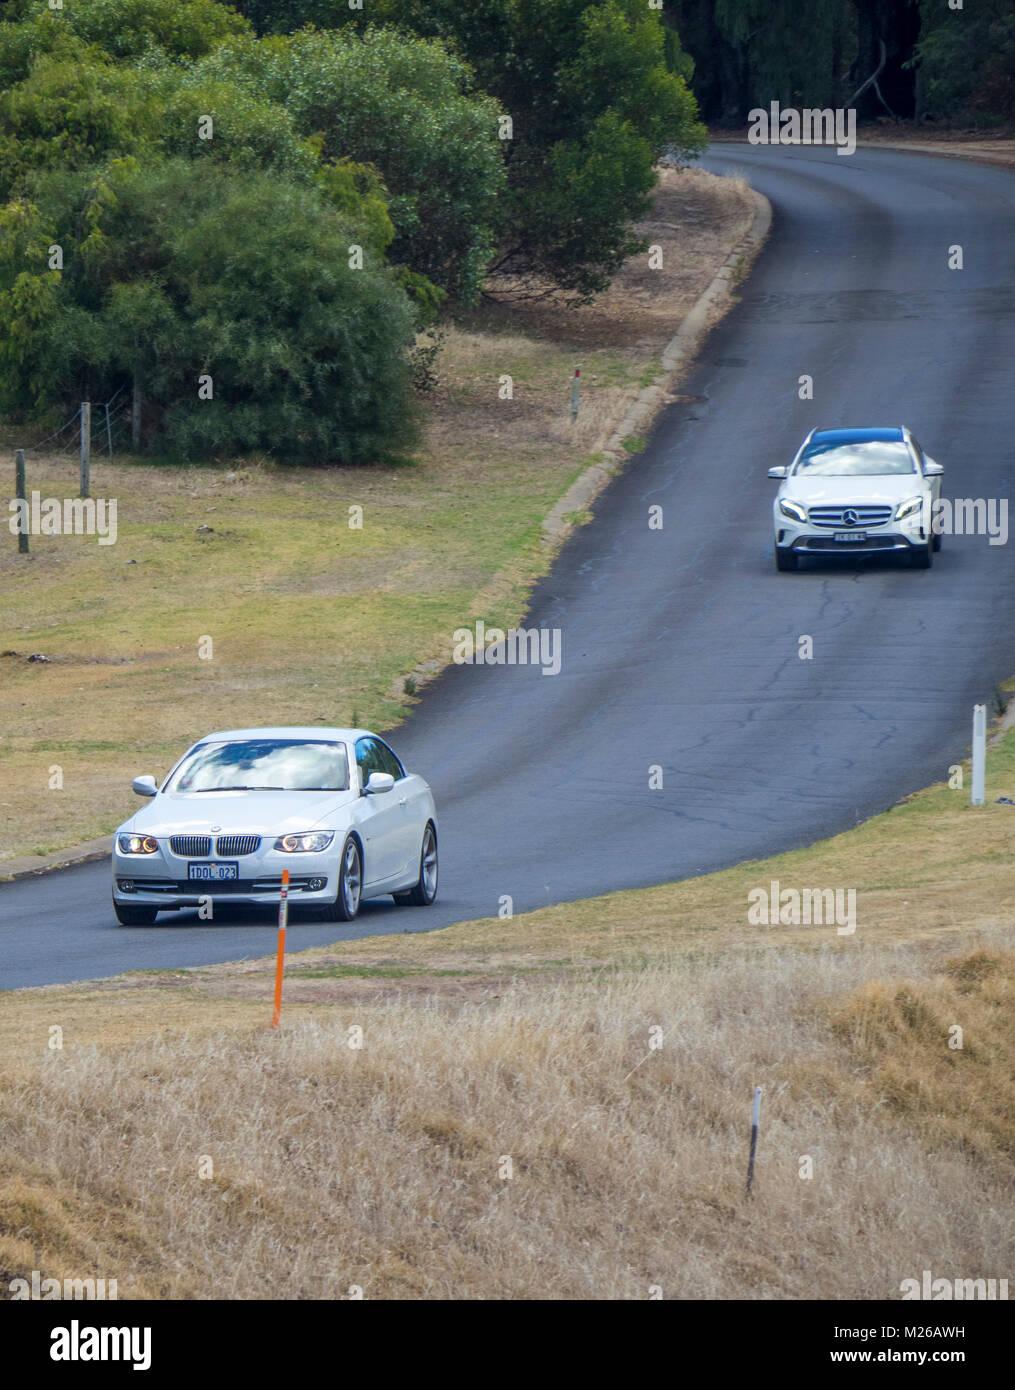 Ein Weißer Mercedes Gla 180 Und Einem Weißen Bmw Fahrzeuge Auf Einer